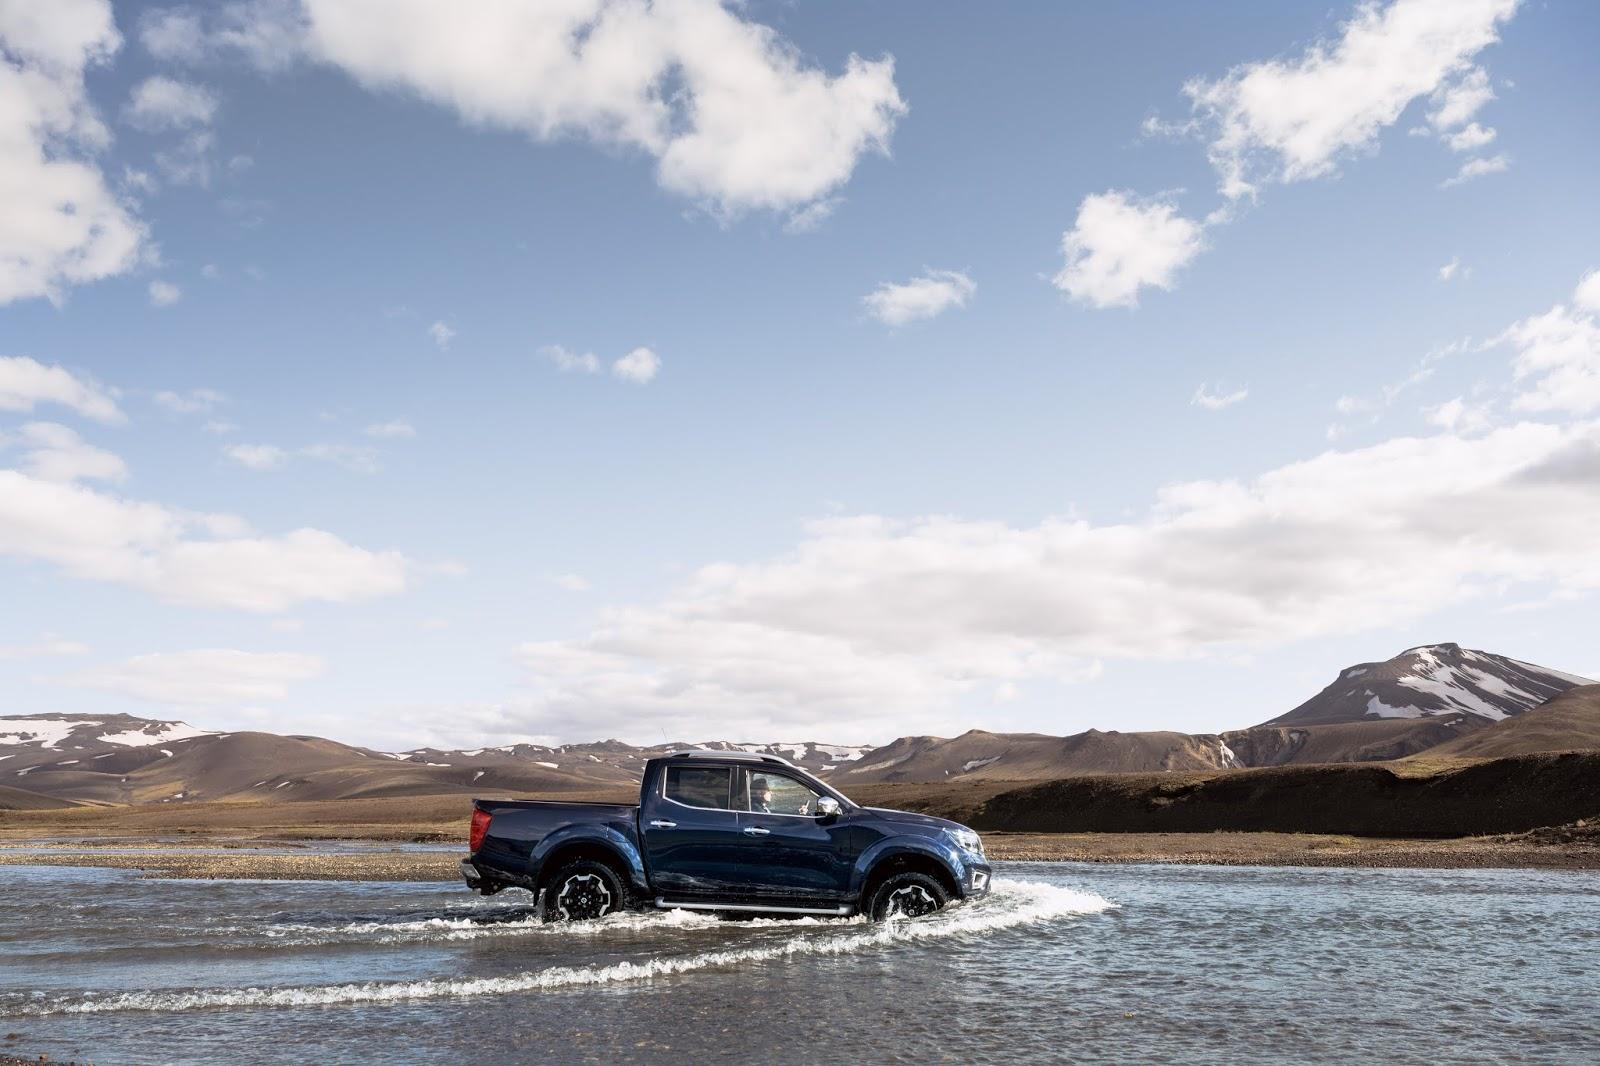 Nissan2BNavara2BDouble2BCab Blue Iceland Dynamic2BOffroad2B13